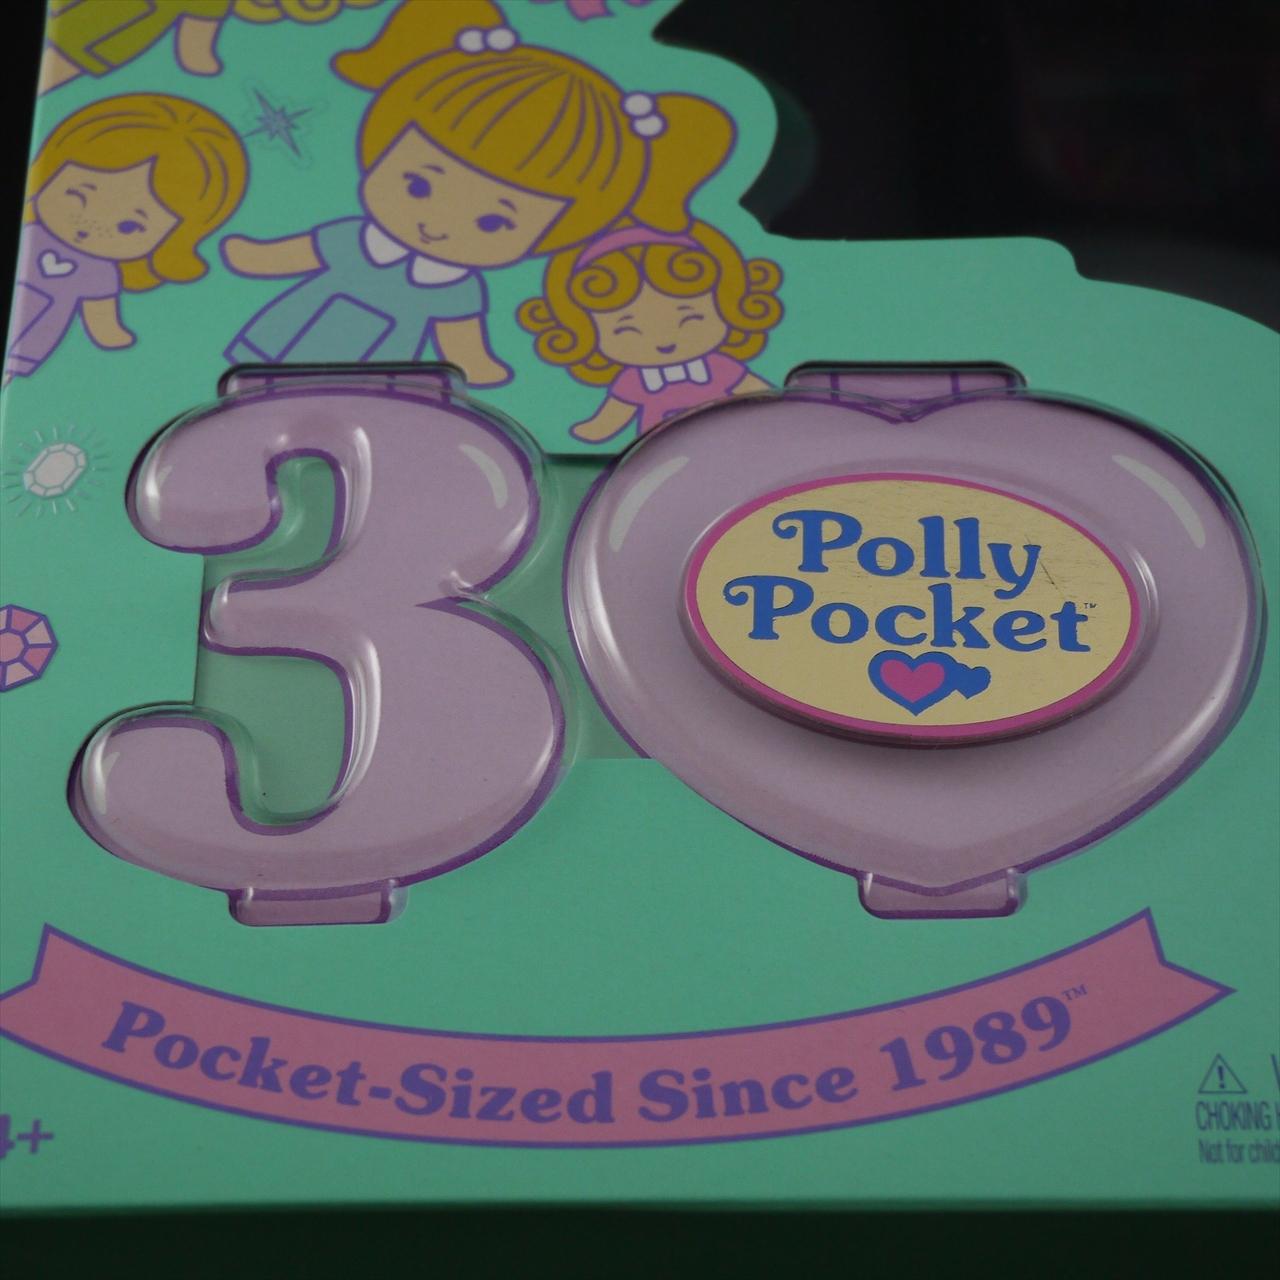 ポーリーポケット発売30周年記念 パーティータイムサプライズ